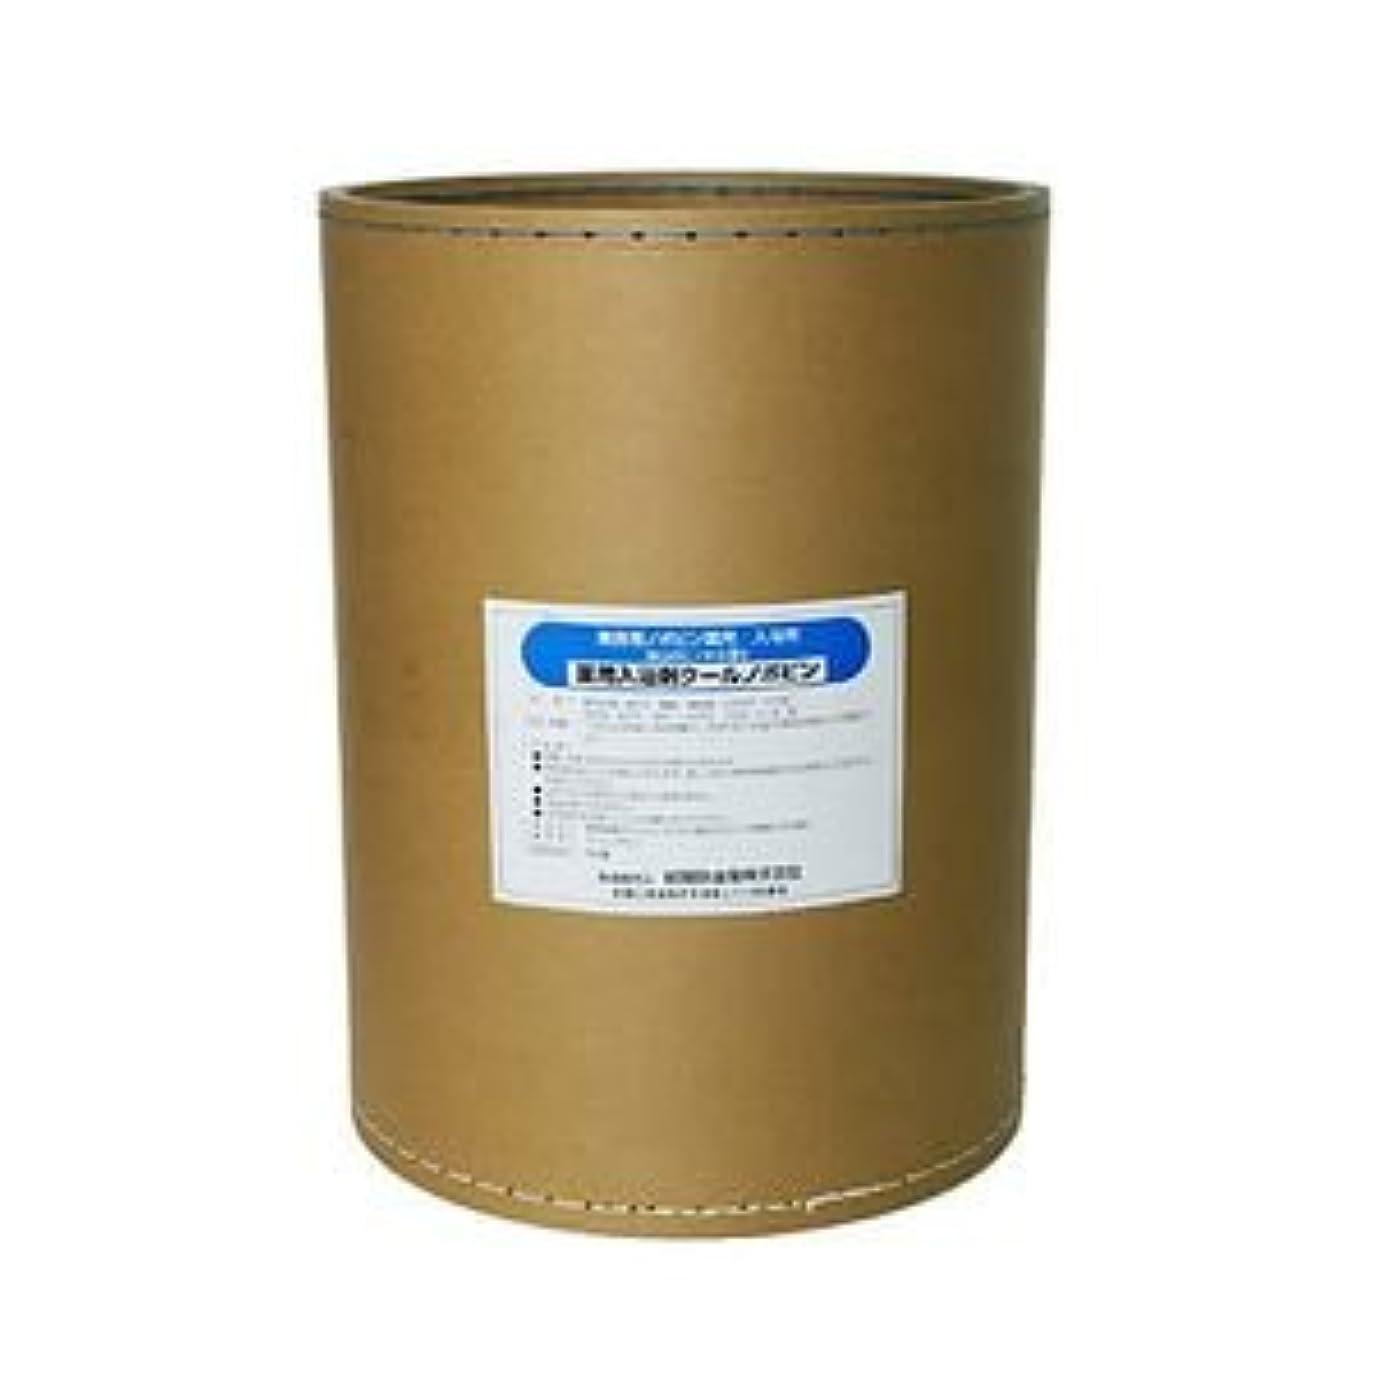 棚モーテル四回業務用入浴剤 クールノボピン 18kg